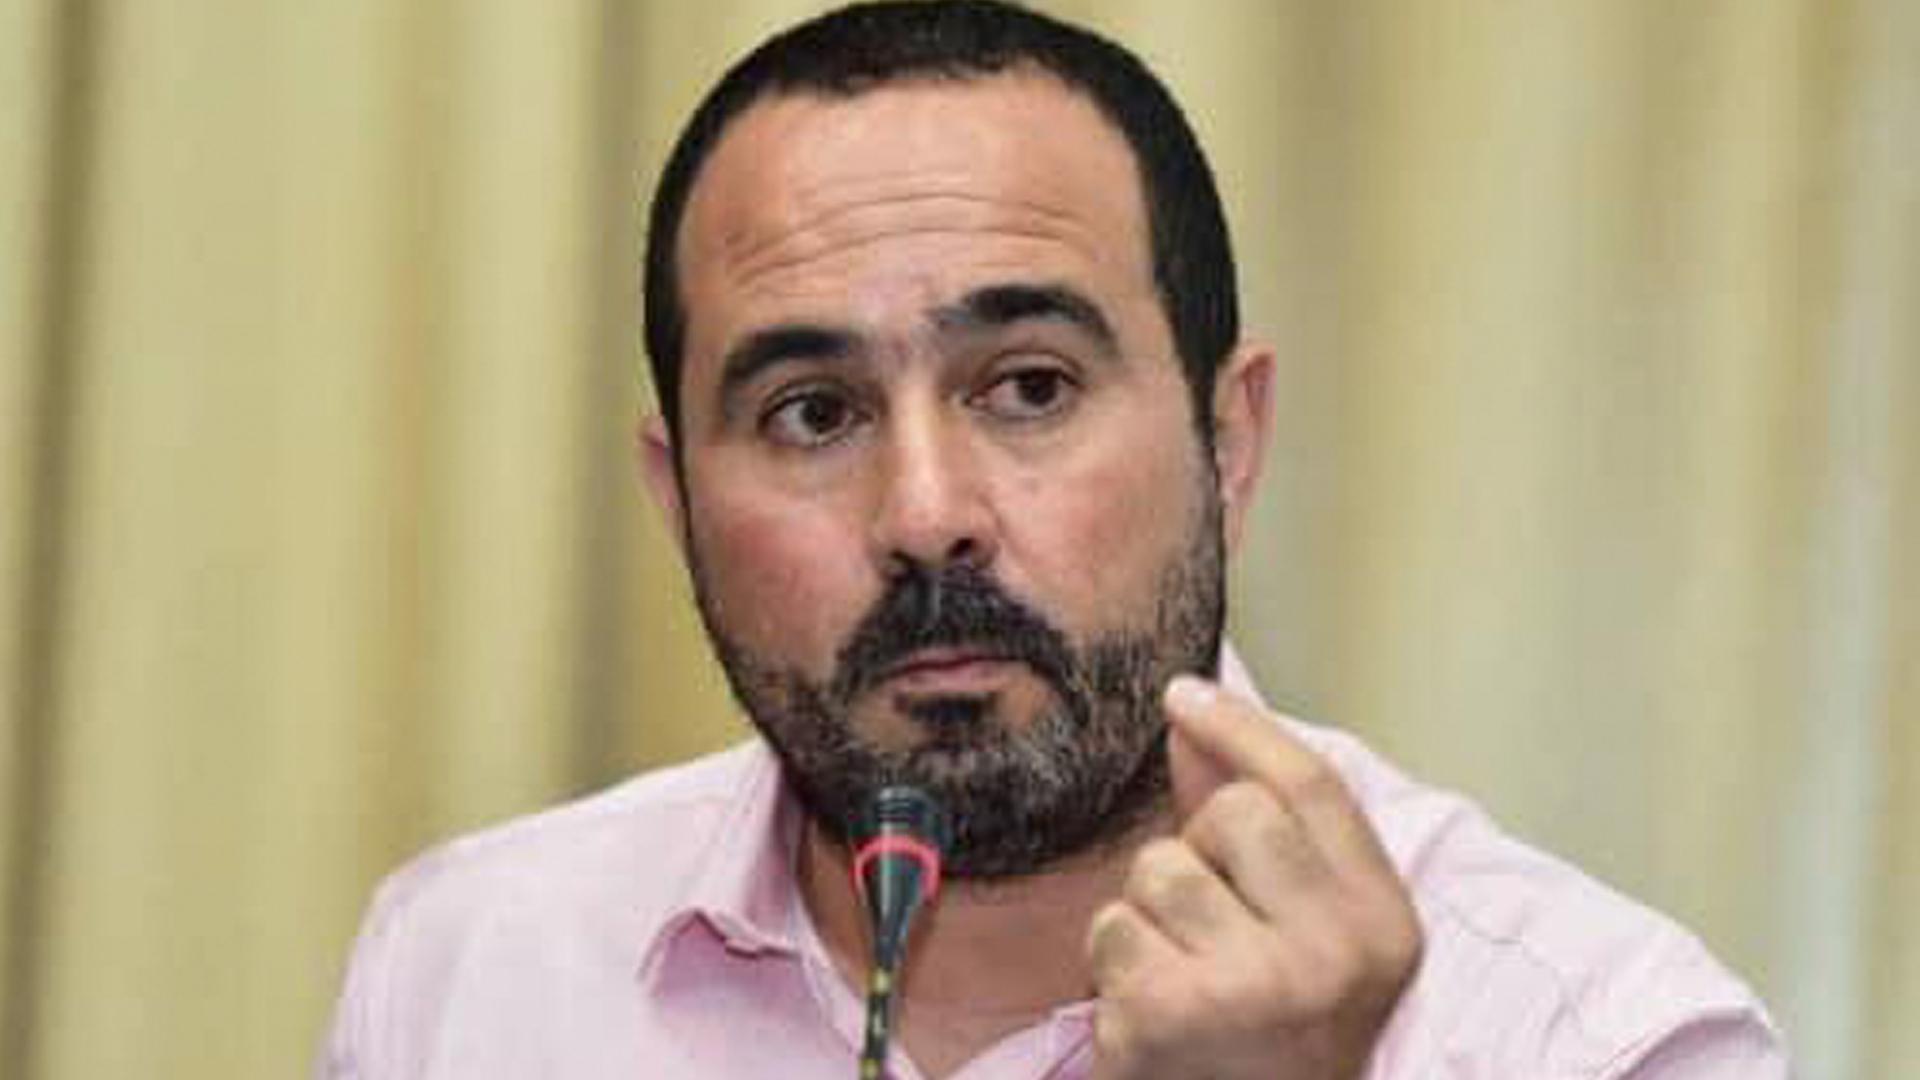 القضاء يرفض منح السراح المؤقت للريسوني